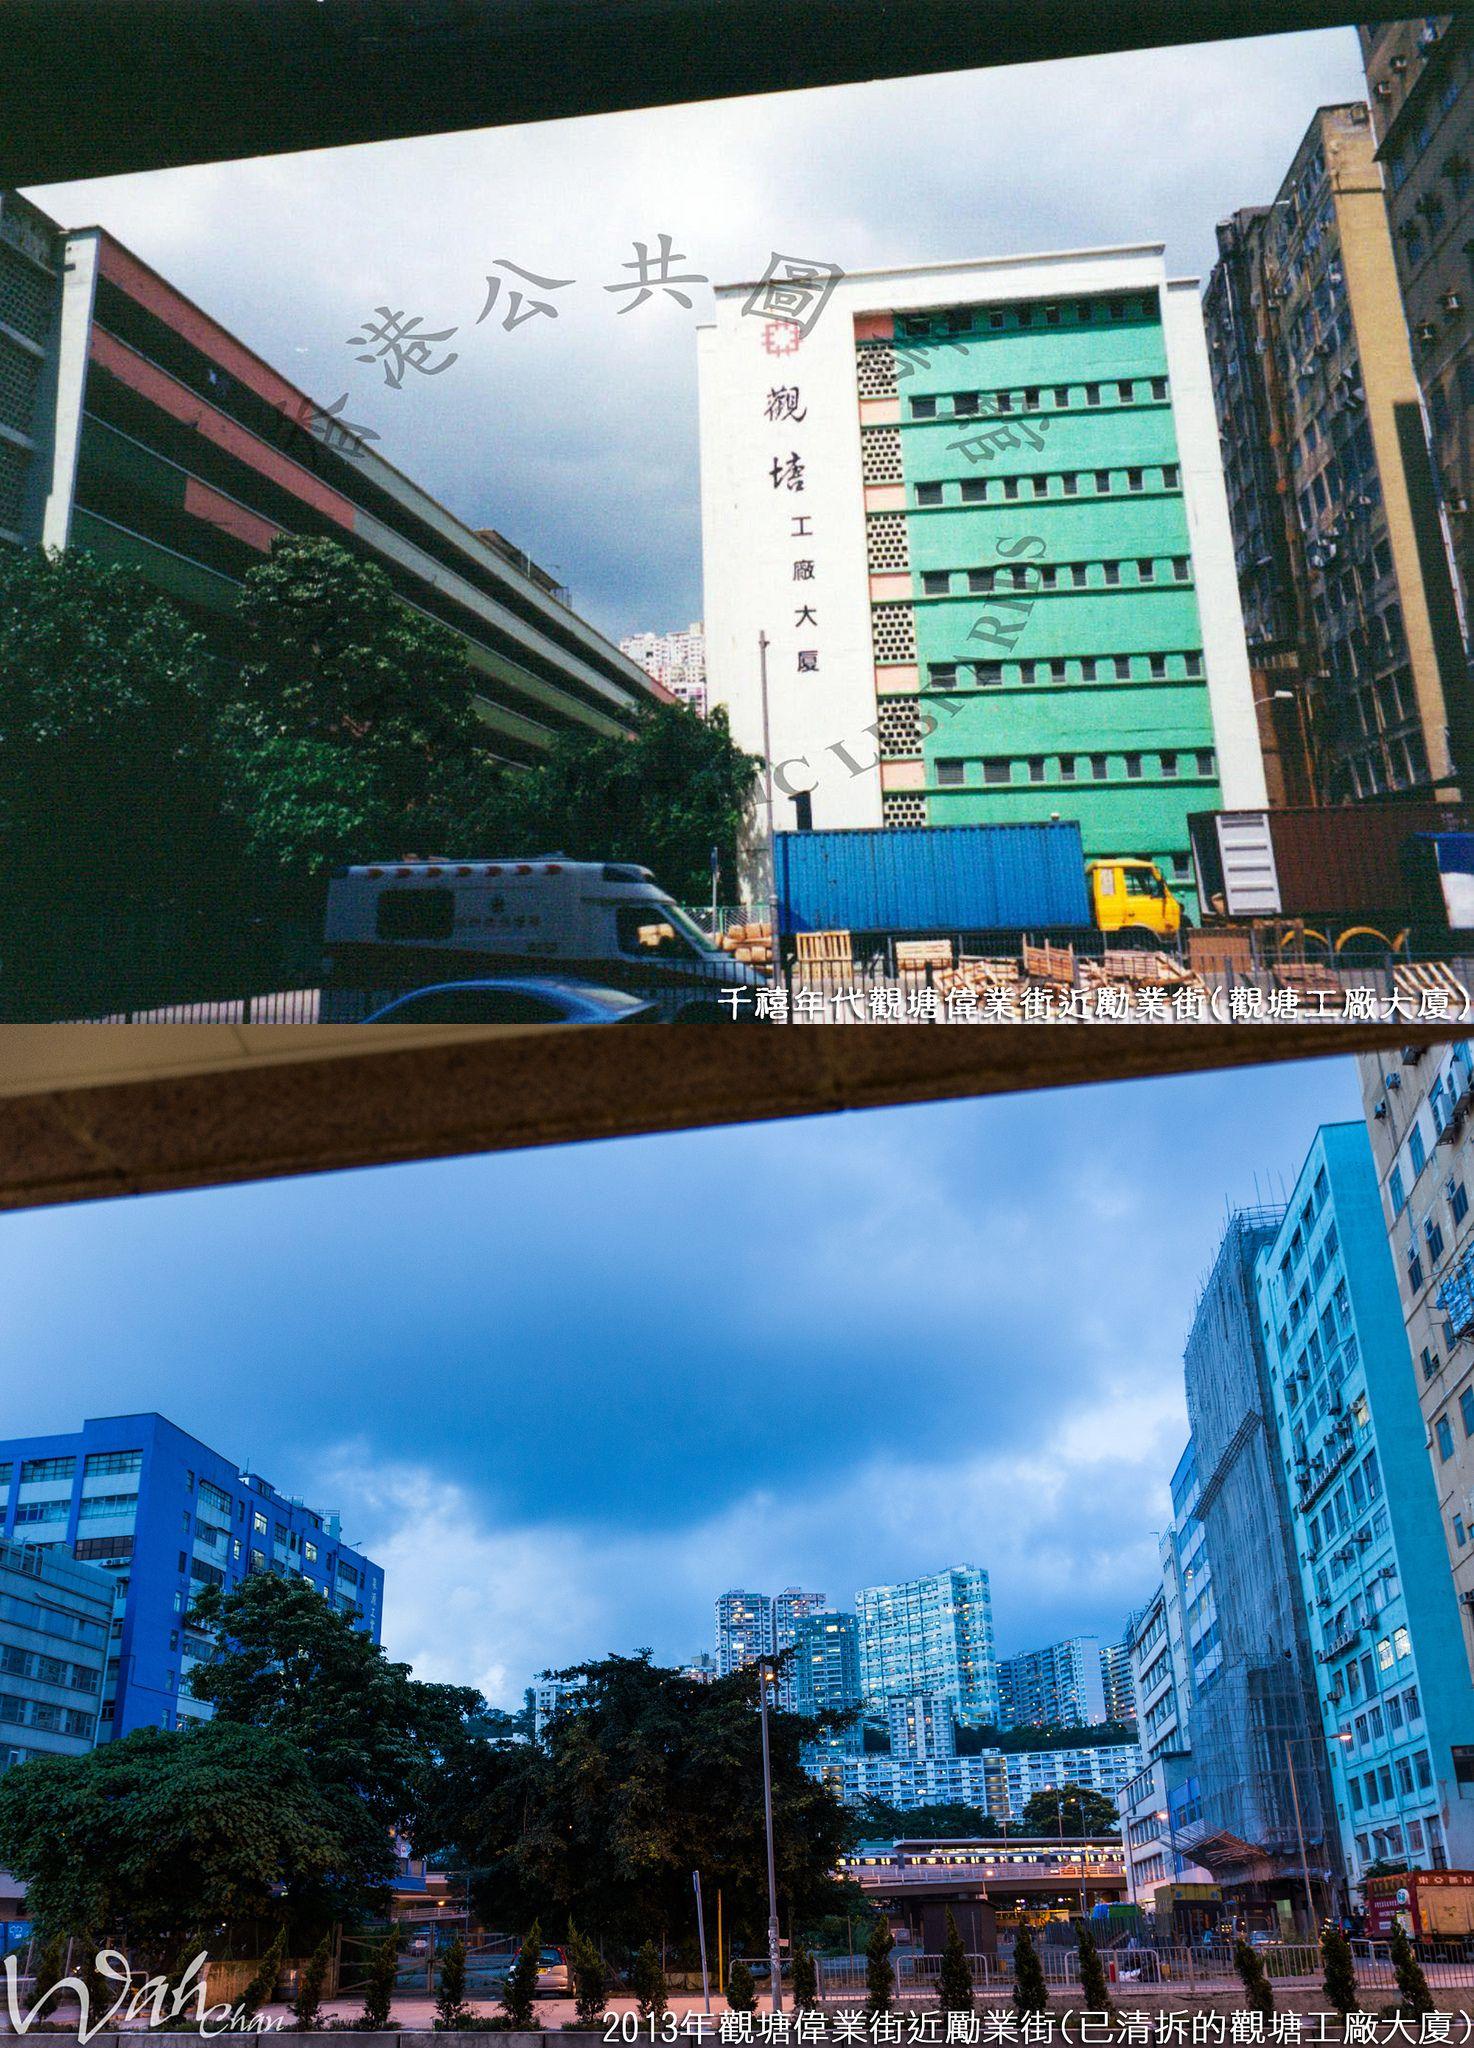 觀塘偉業街近勵業街@2000's (With images)